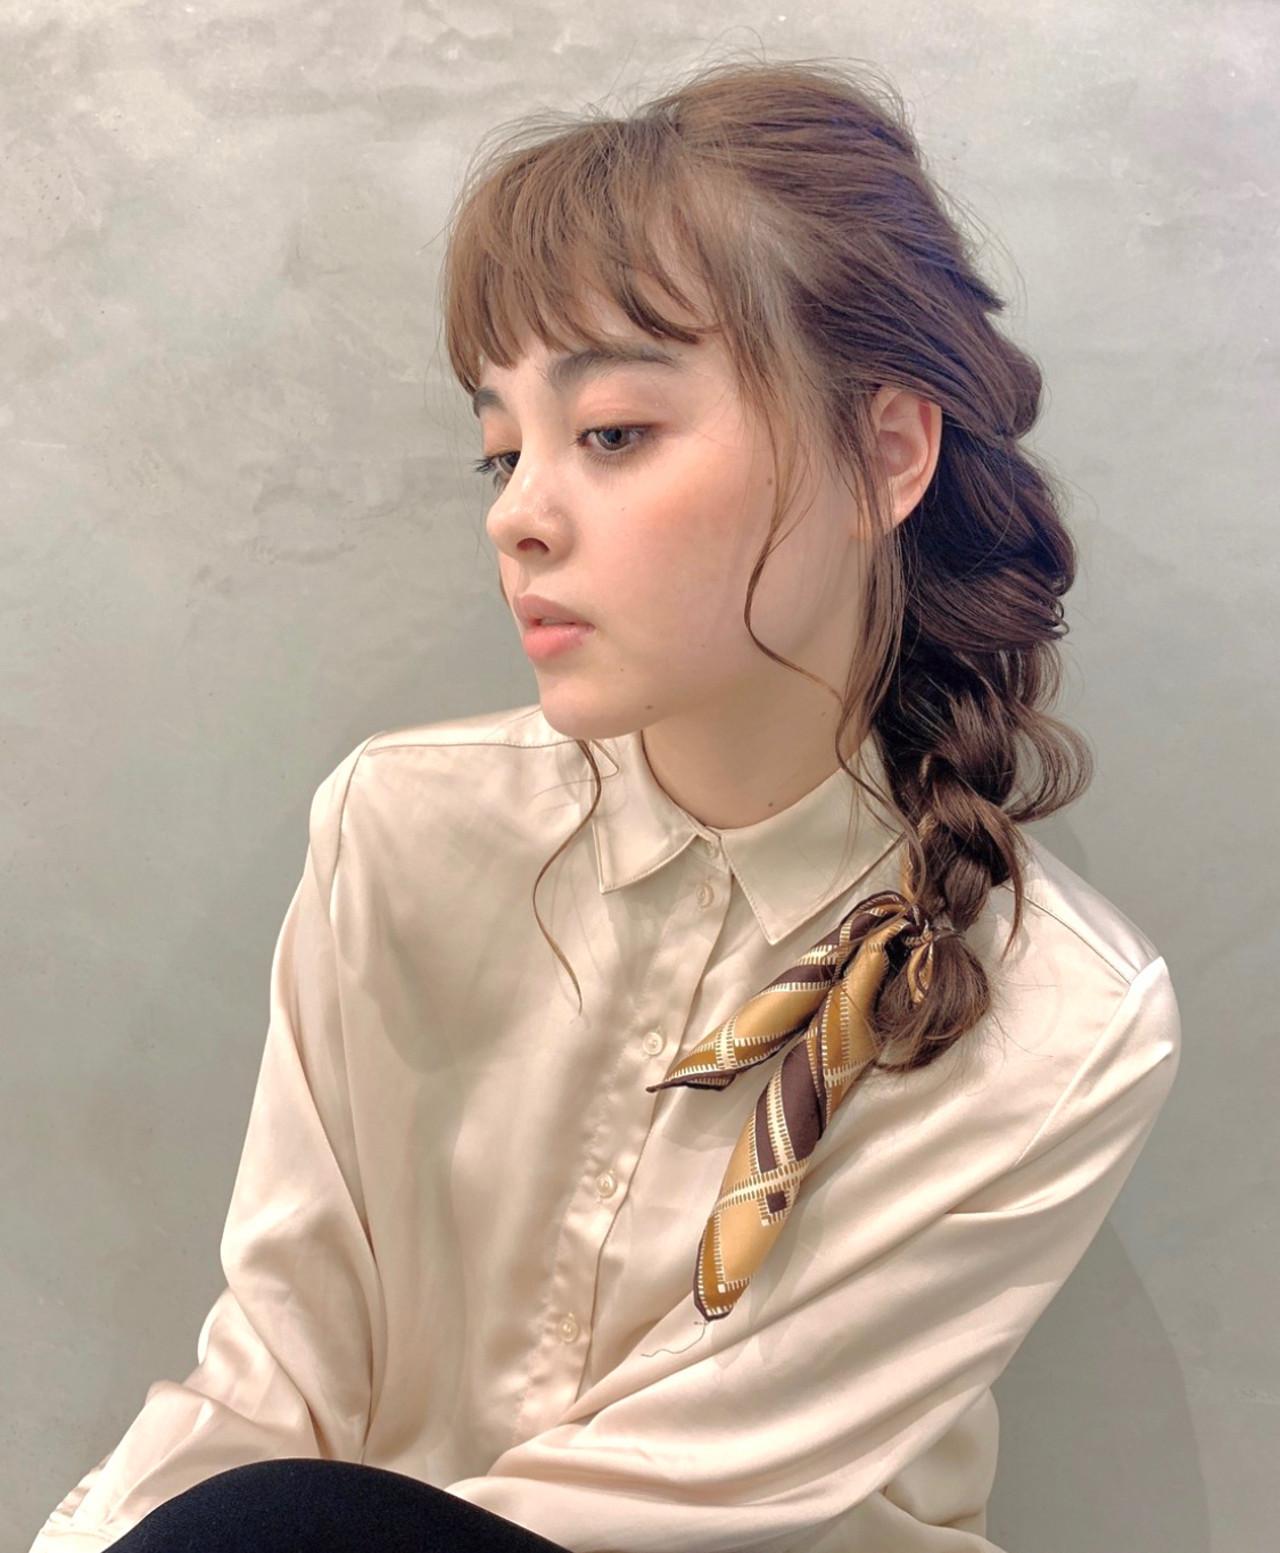 ナチュラル 簡単ヘアアレンジ ヘアアレンジ 簡単スタイリング ヘアスタイルや髪型の写真・画像